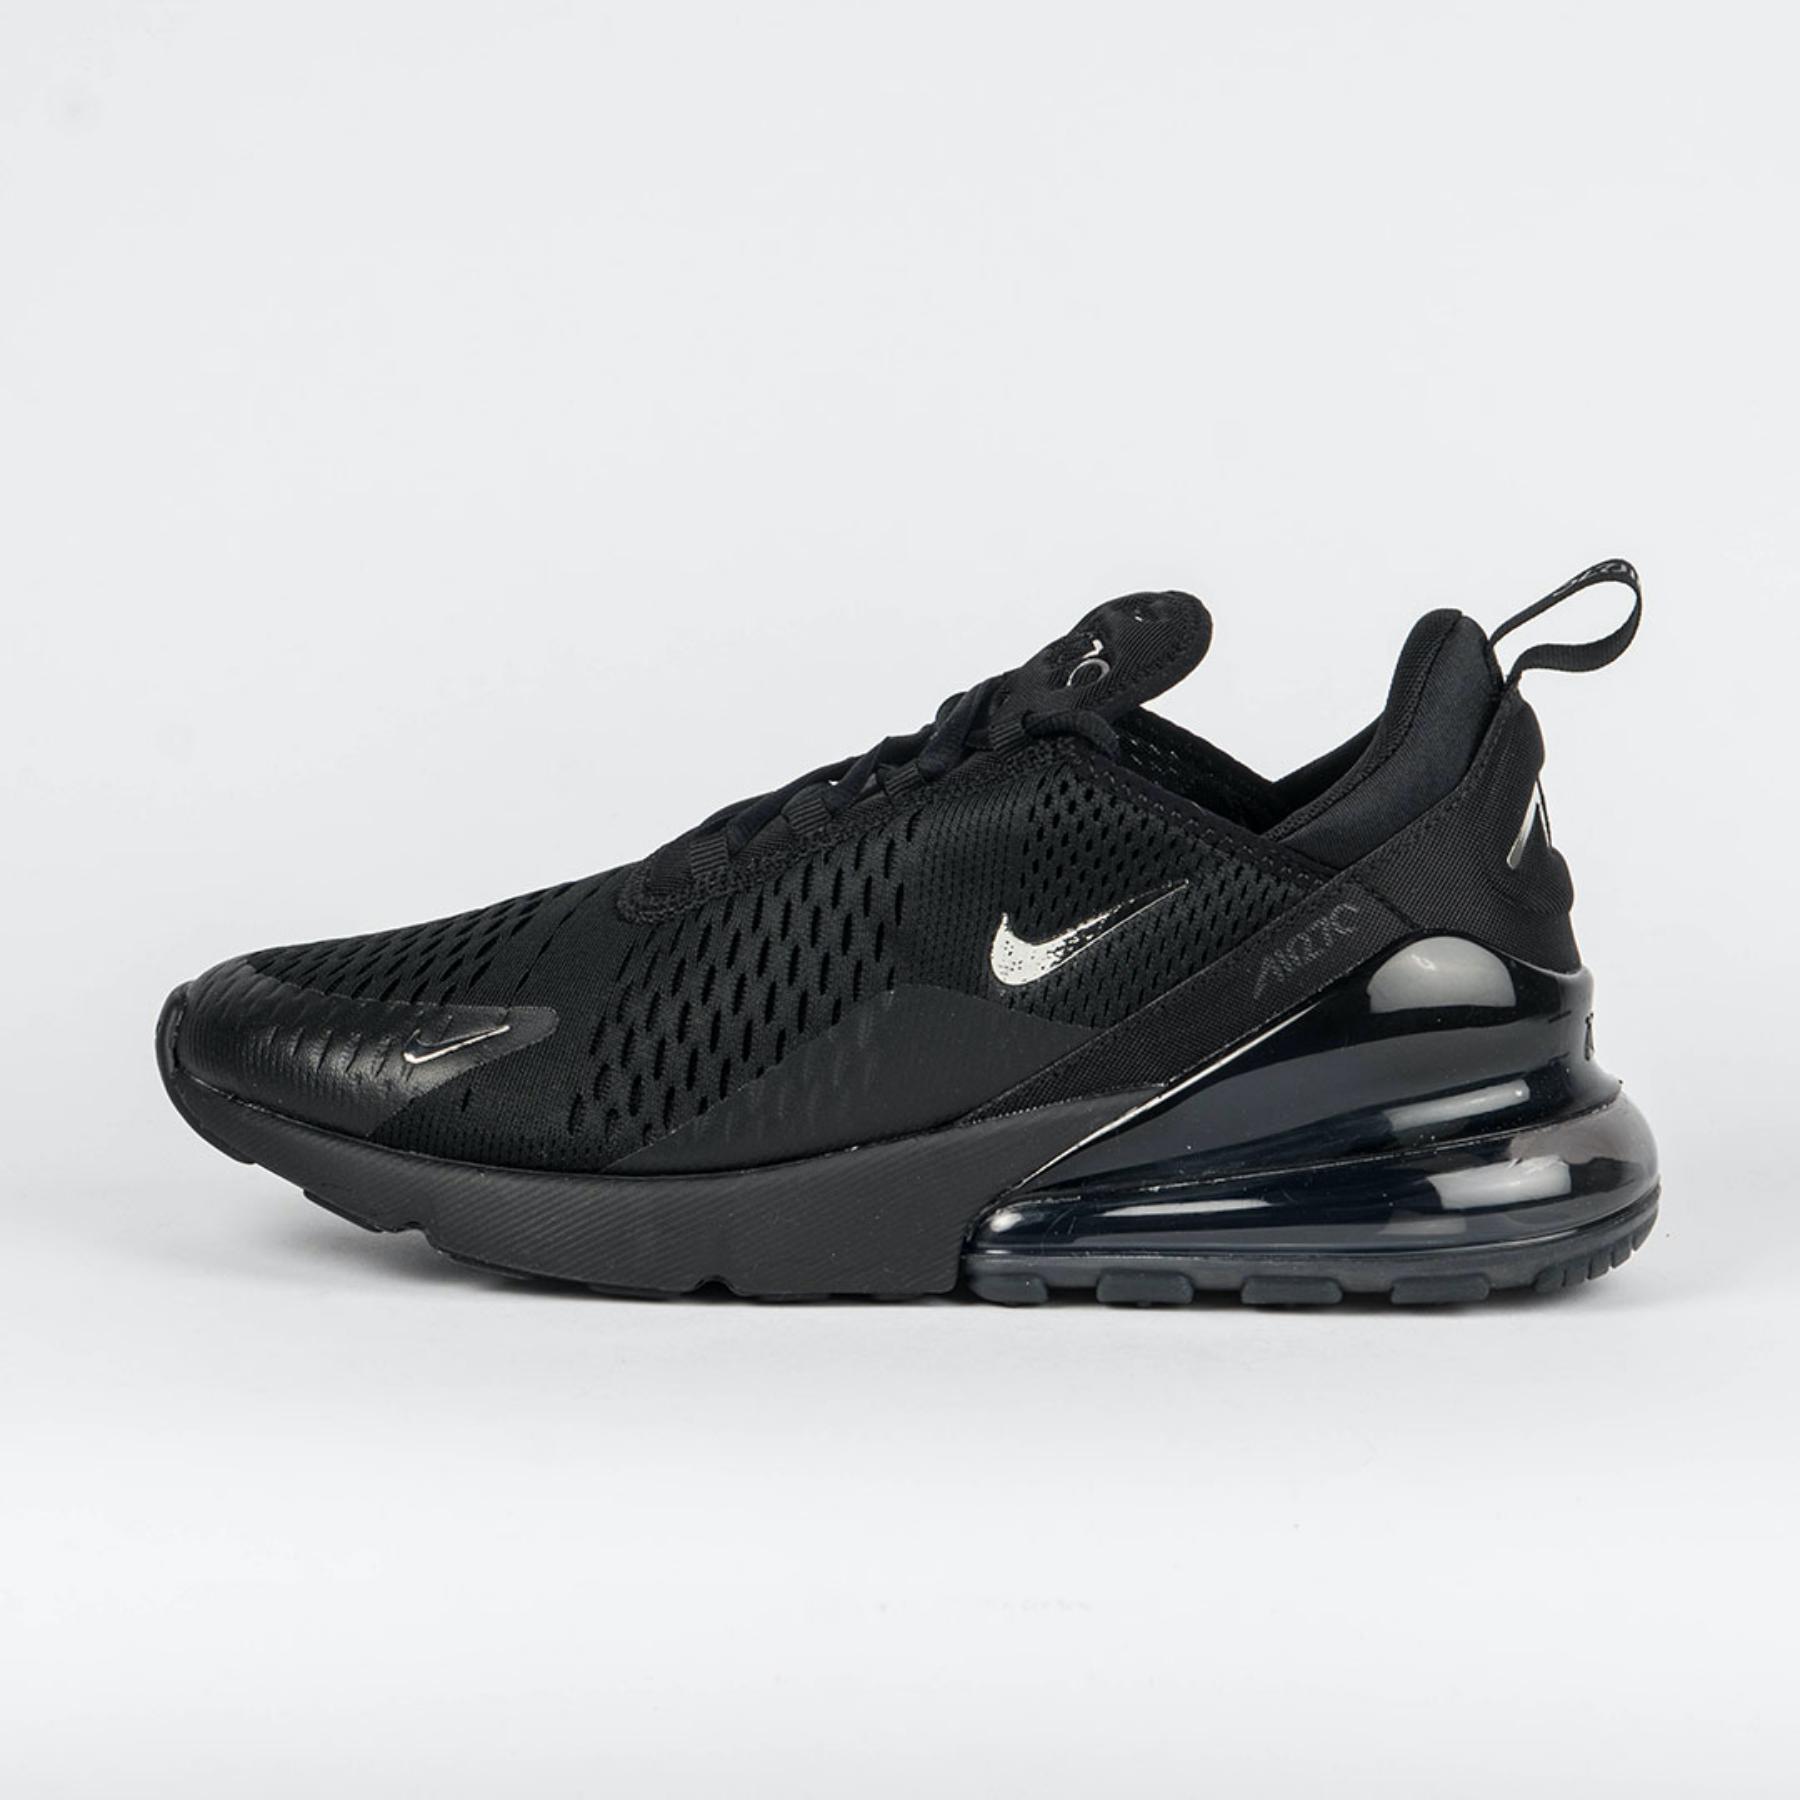 کفش پیاده روی مردانه نایکی مدل air max 270             , خرید اینترنتی